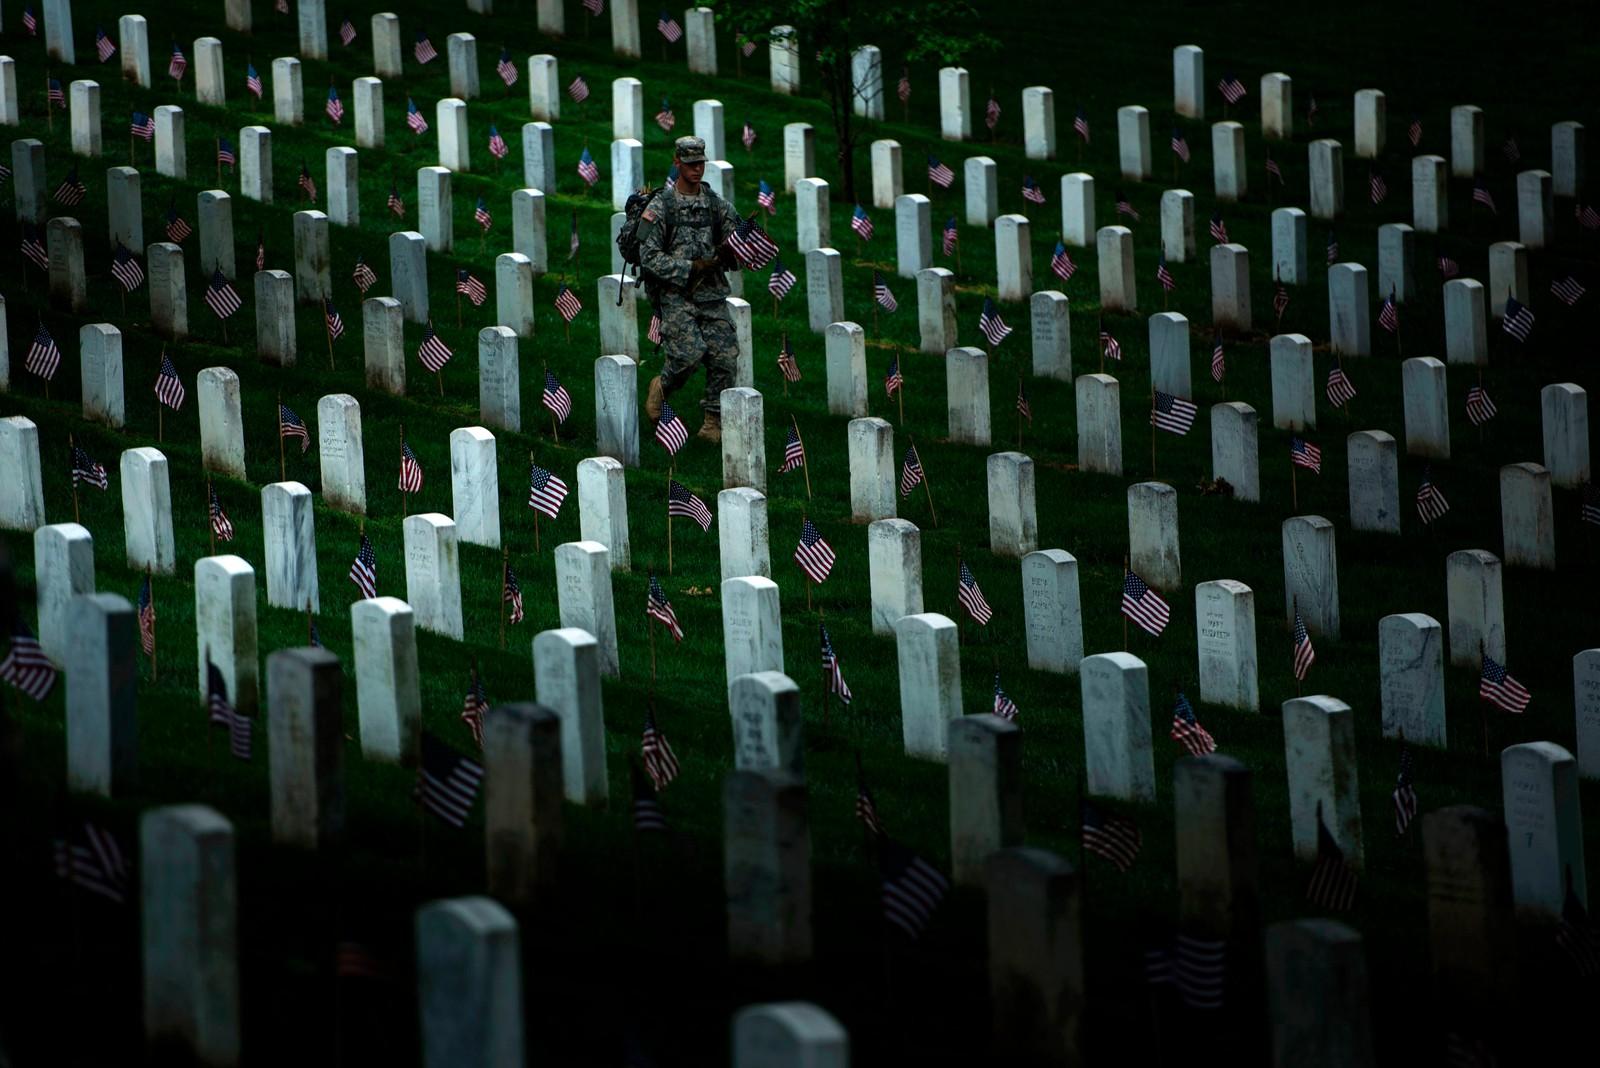 En soldat setter flagg på soldatgraver i Arlington National Cemetery i Virginia under forberedelsene til Memorial Day som var den 25. mai. Dagen brukes til å minnes de som døde i militær tjeneste for USA.